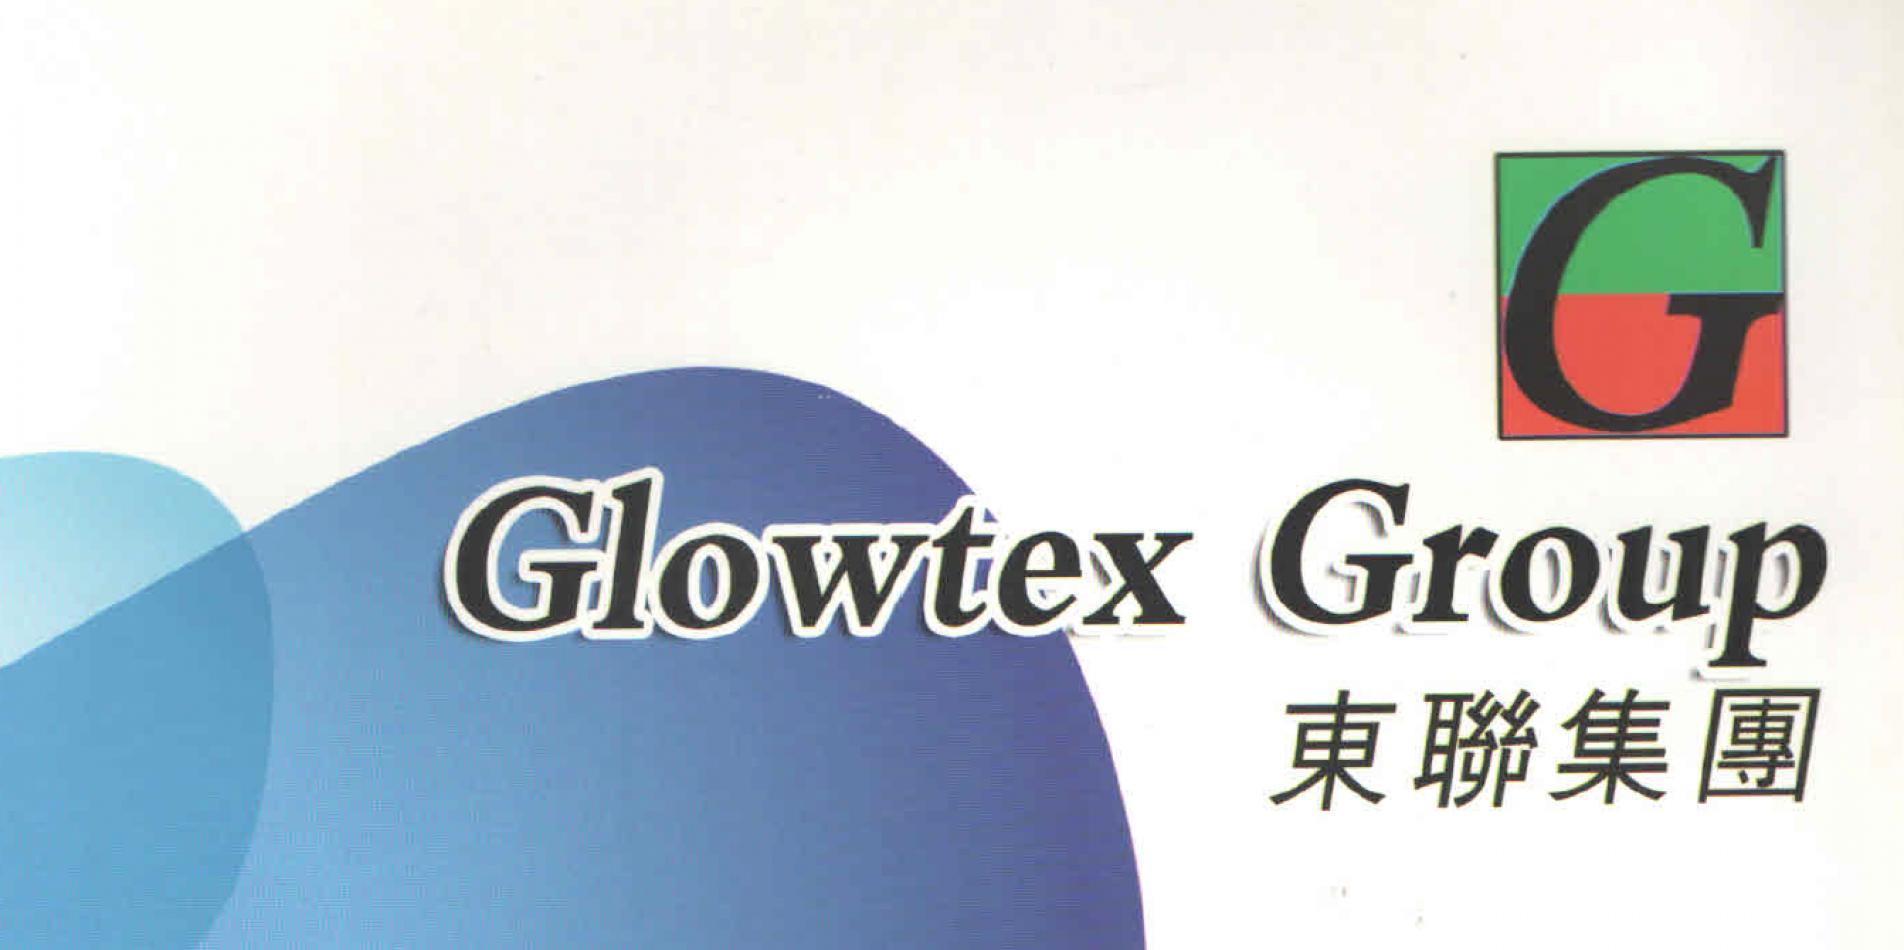 Glowtex Co.,ltd